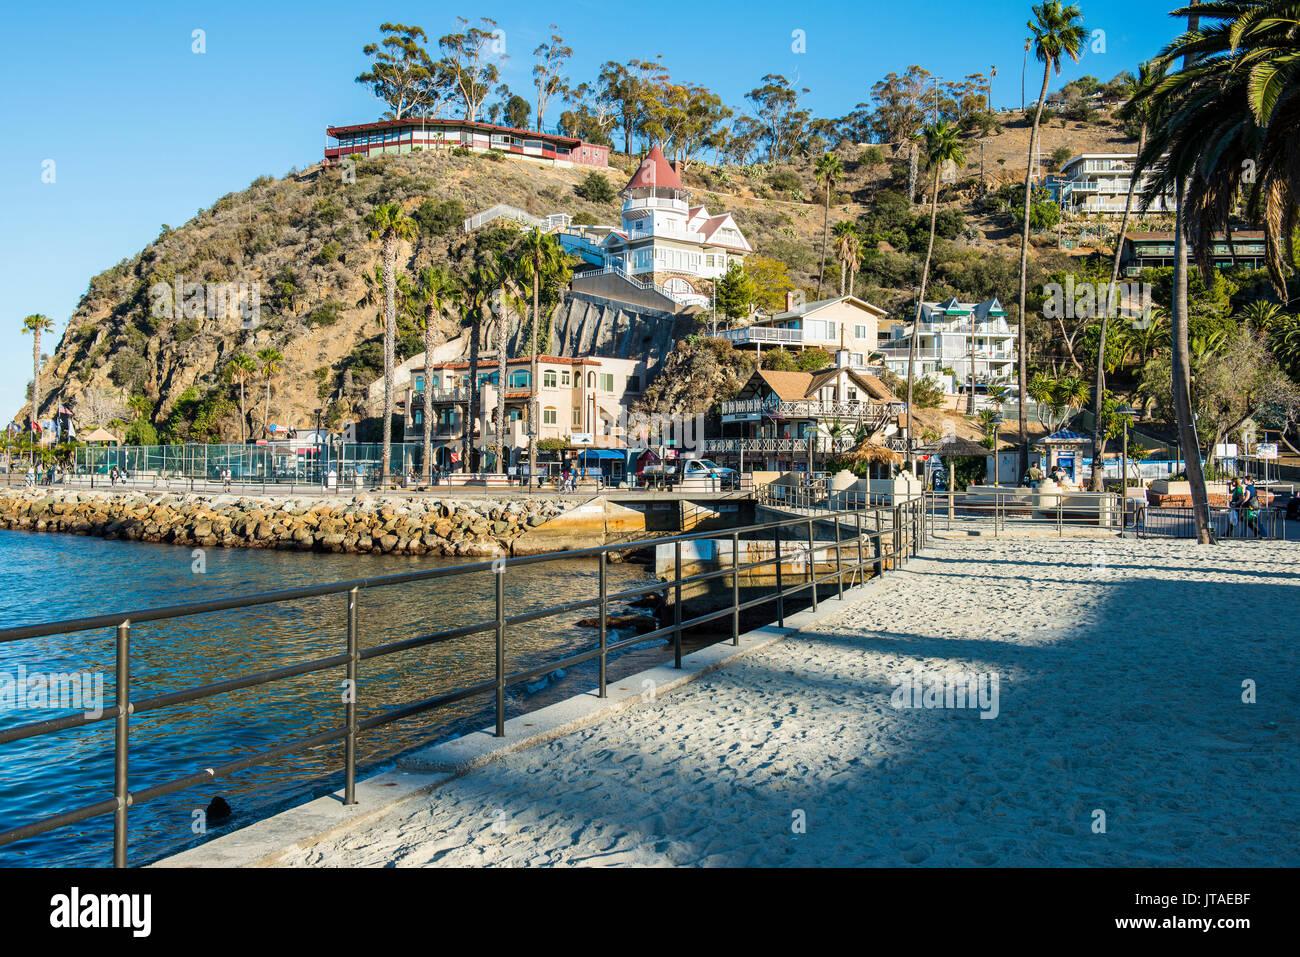 Where Is Santa Catalina Island